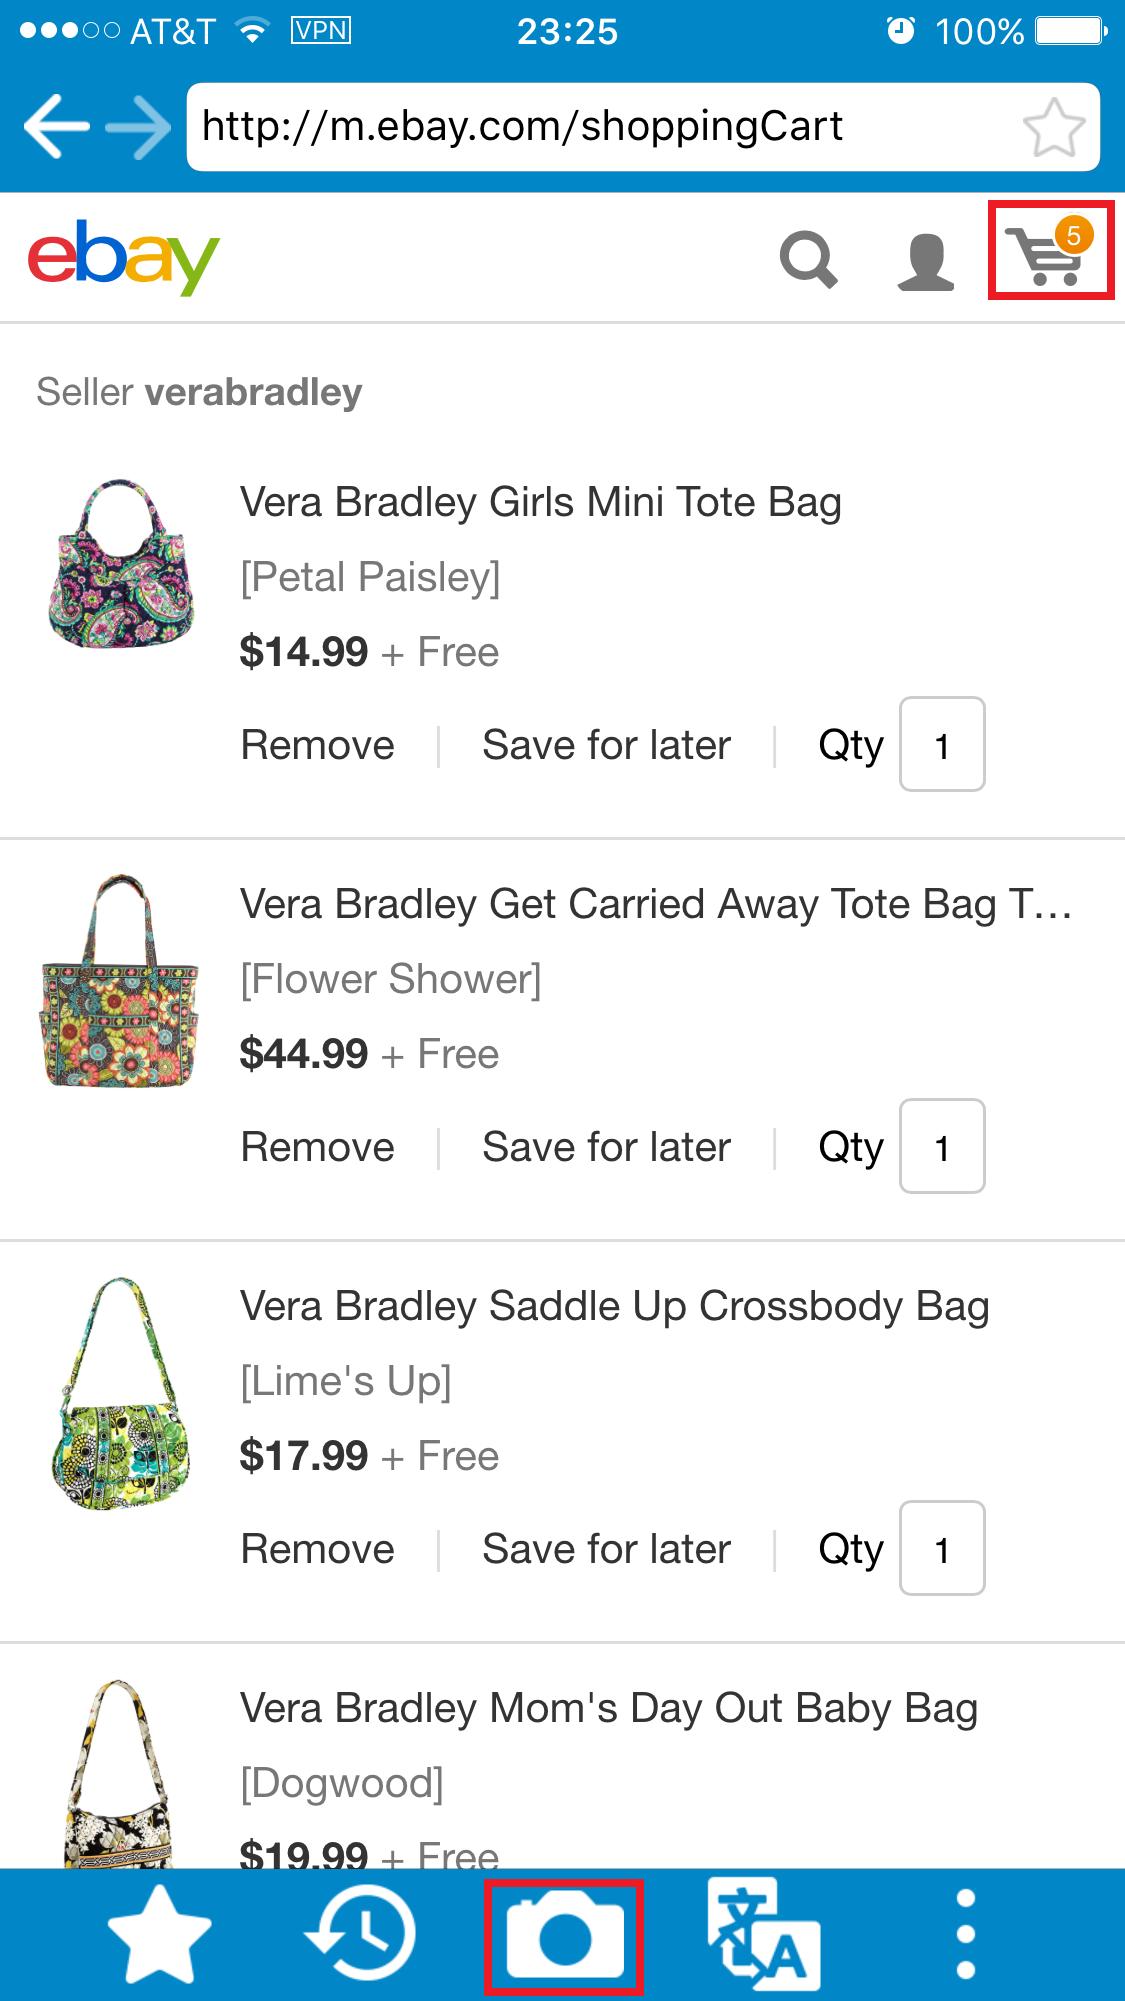 欲しい商品を全てショッピングカートに入れたらe Bayのカートアイコンをクリックしショッピングカートの画面へ。そして'アプリのカメラをクリックしカートの画像をキャプチャしてください。